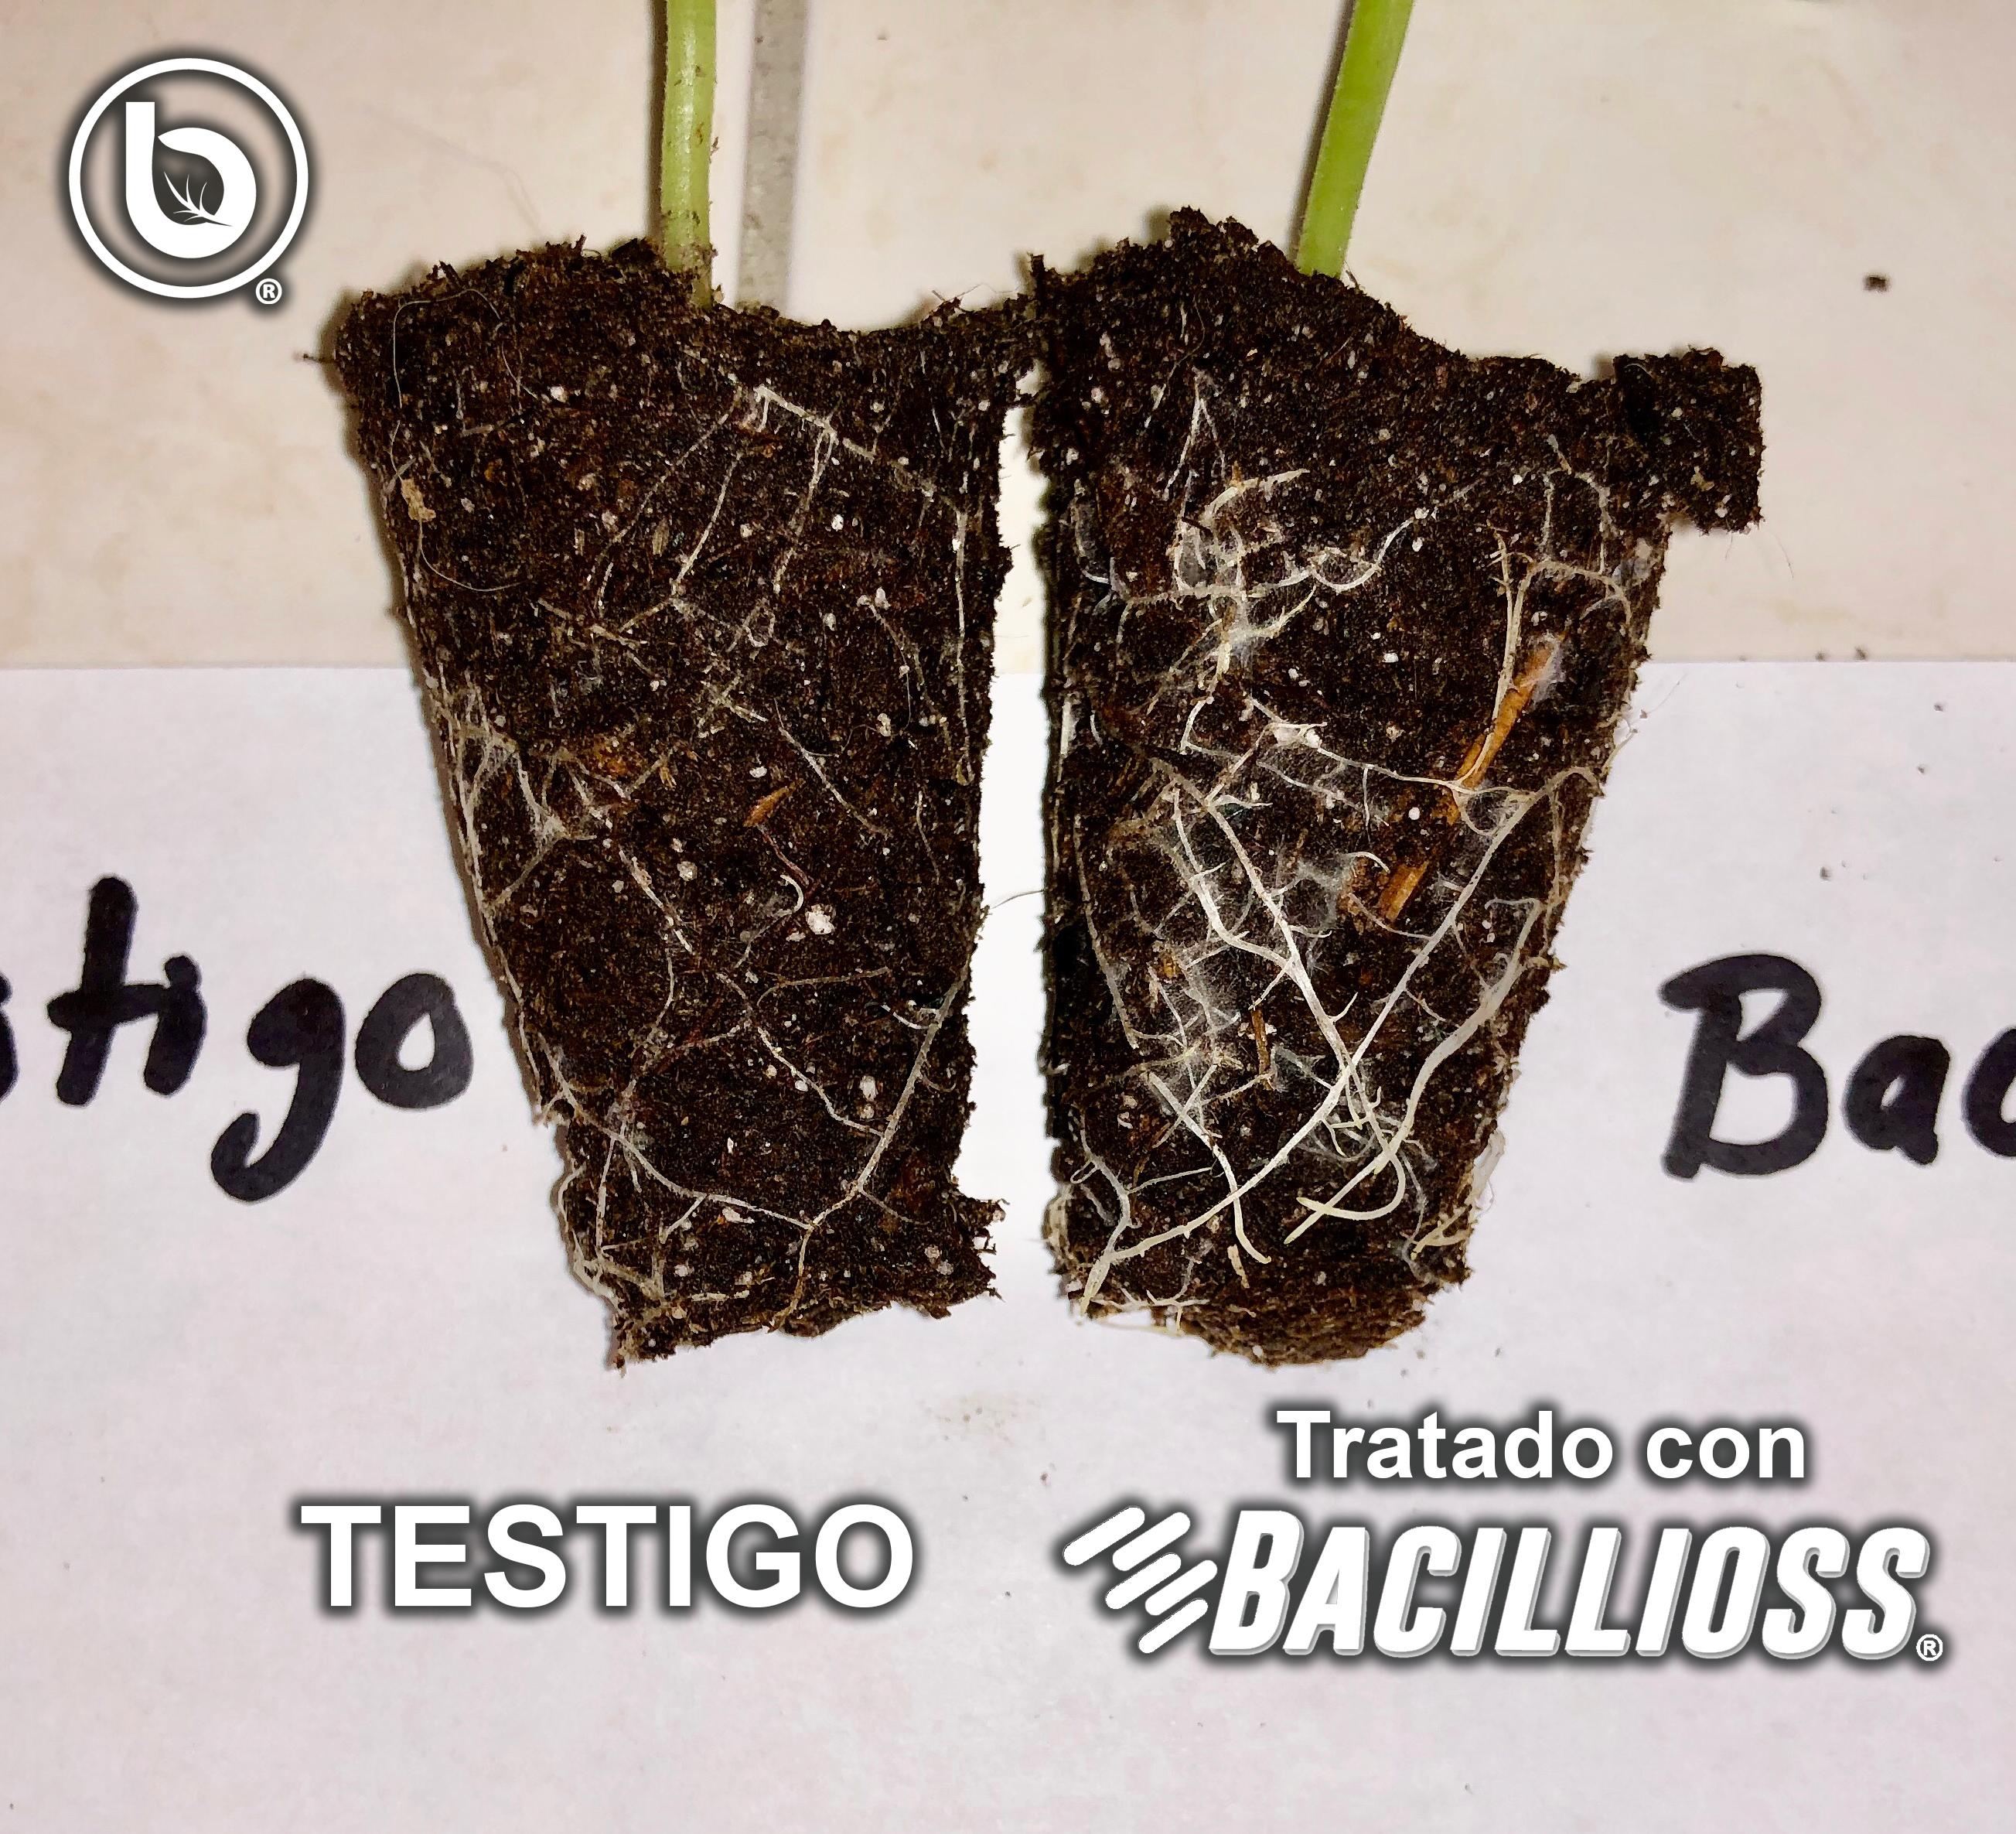 Bacillioss® vs testigo (raíces)